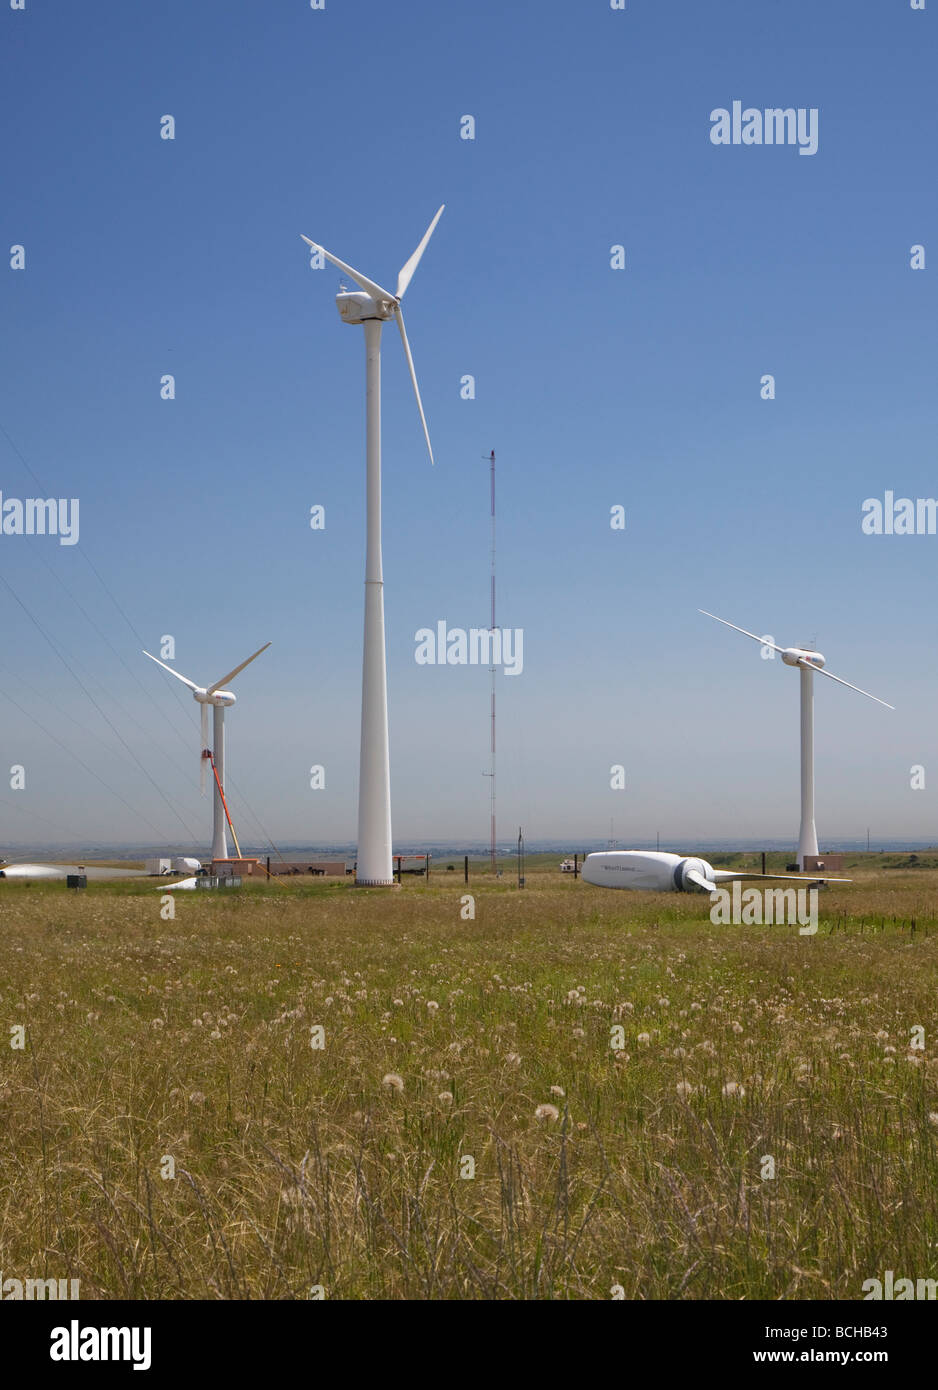 La investigación de la energía eólica, en el Laboratorio Nacional de Energía Renovable del Centro Imagen De Stock